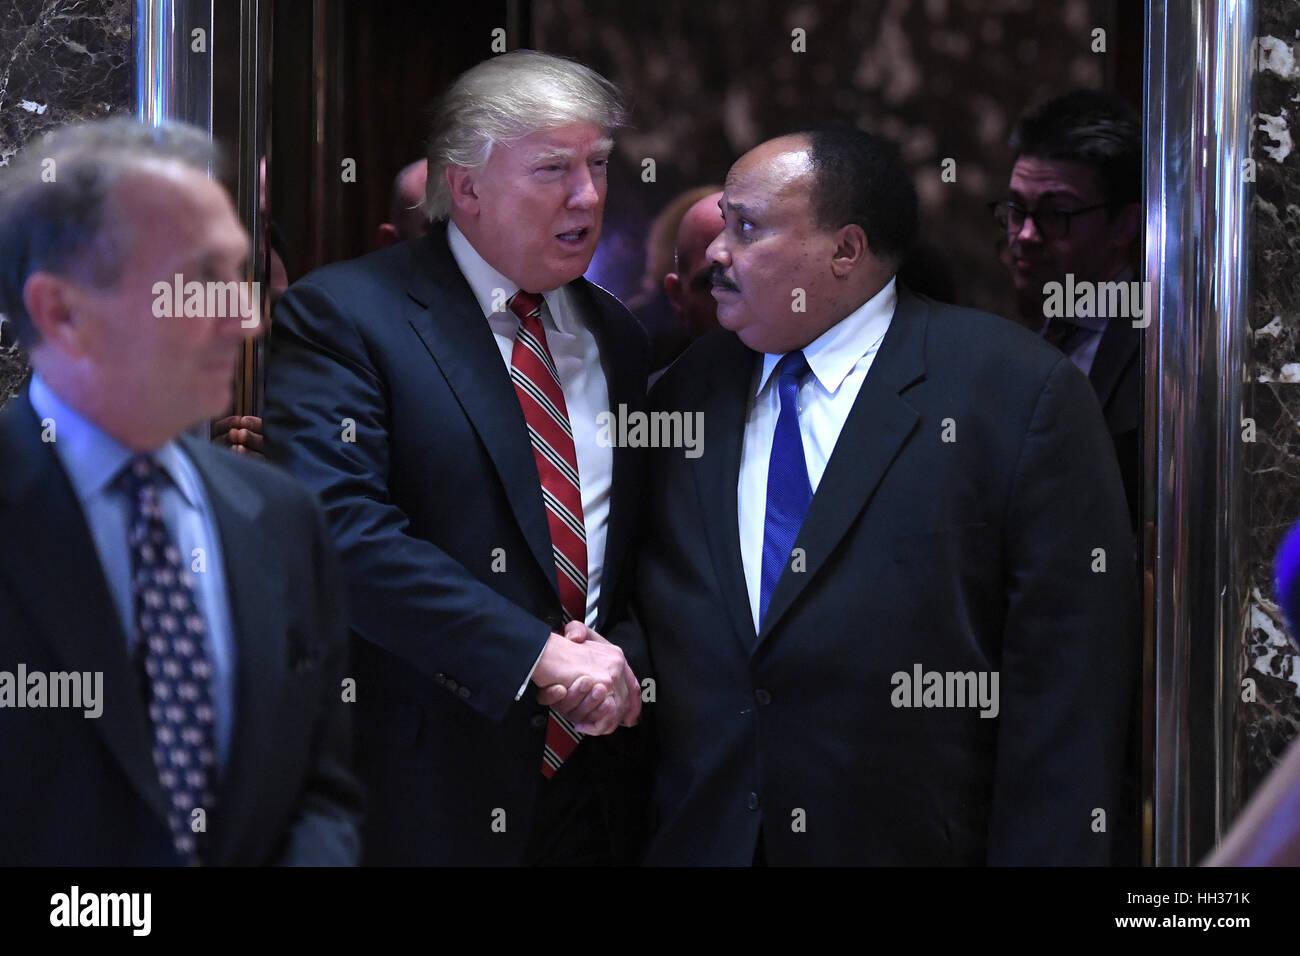 New York, USA. 16. Januar 2017. Präsident elect Trump schüttelt Hände mit Martin Luther King III, wie sie die Aufzüge Stockfoto